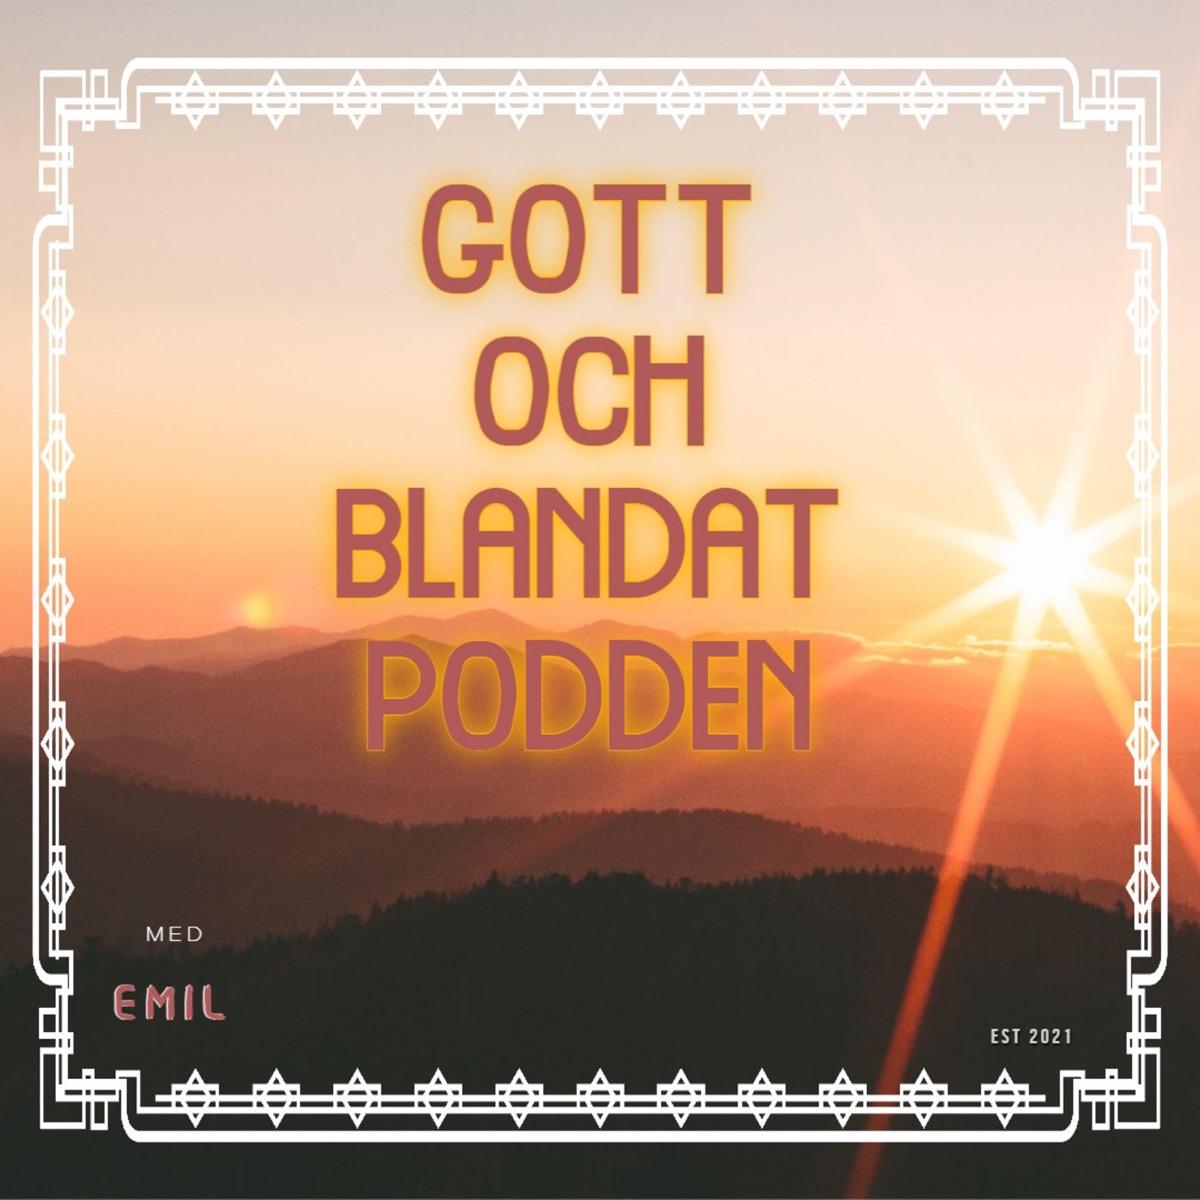 Gott Och Blandat Podden